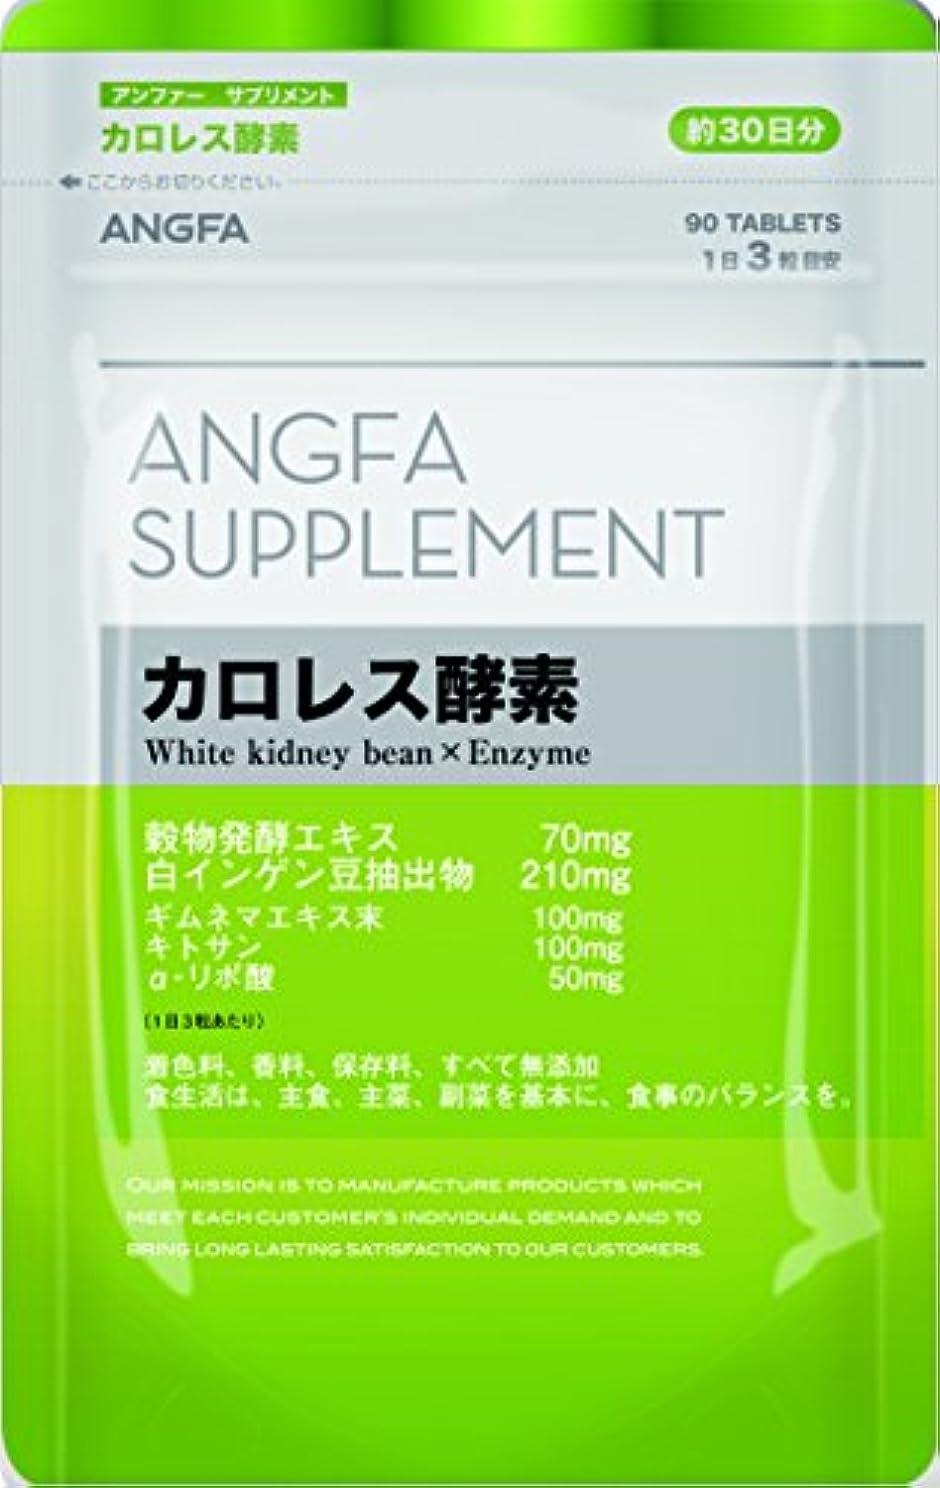 マーベルエゴイズムスタジアムアンファー (ANGFA) サプリメント カロレス酵素 90粒 ダイエットサポート サプリメント